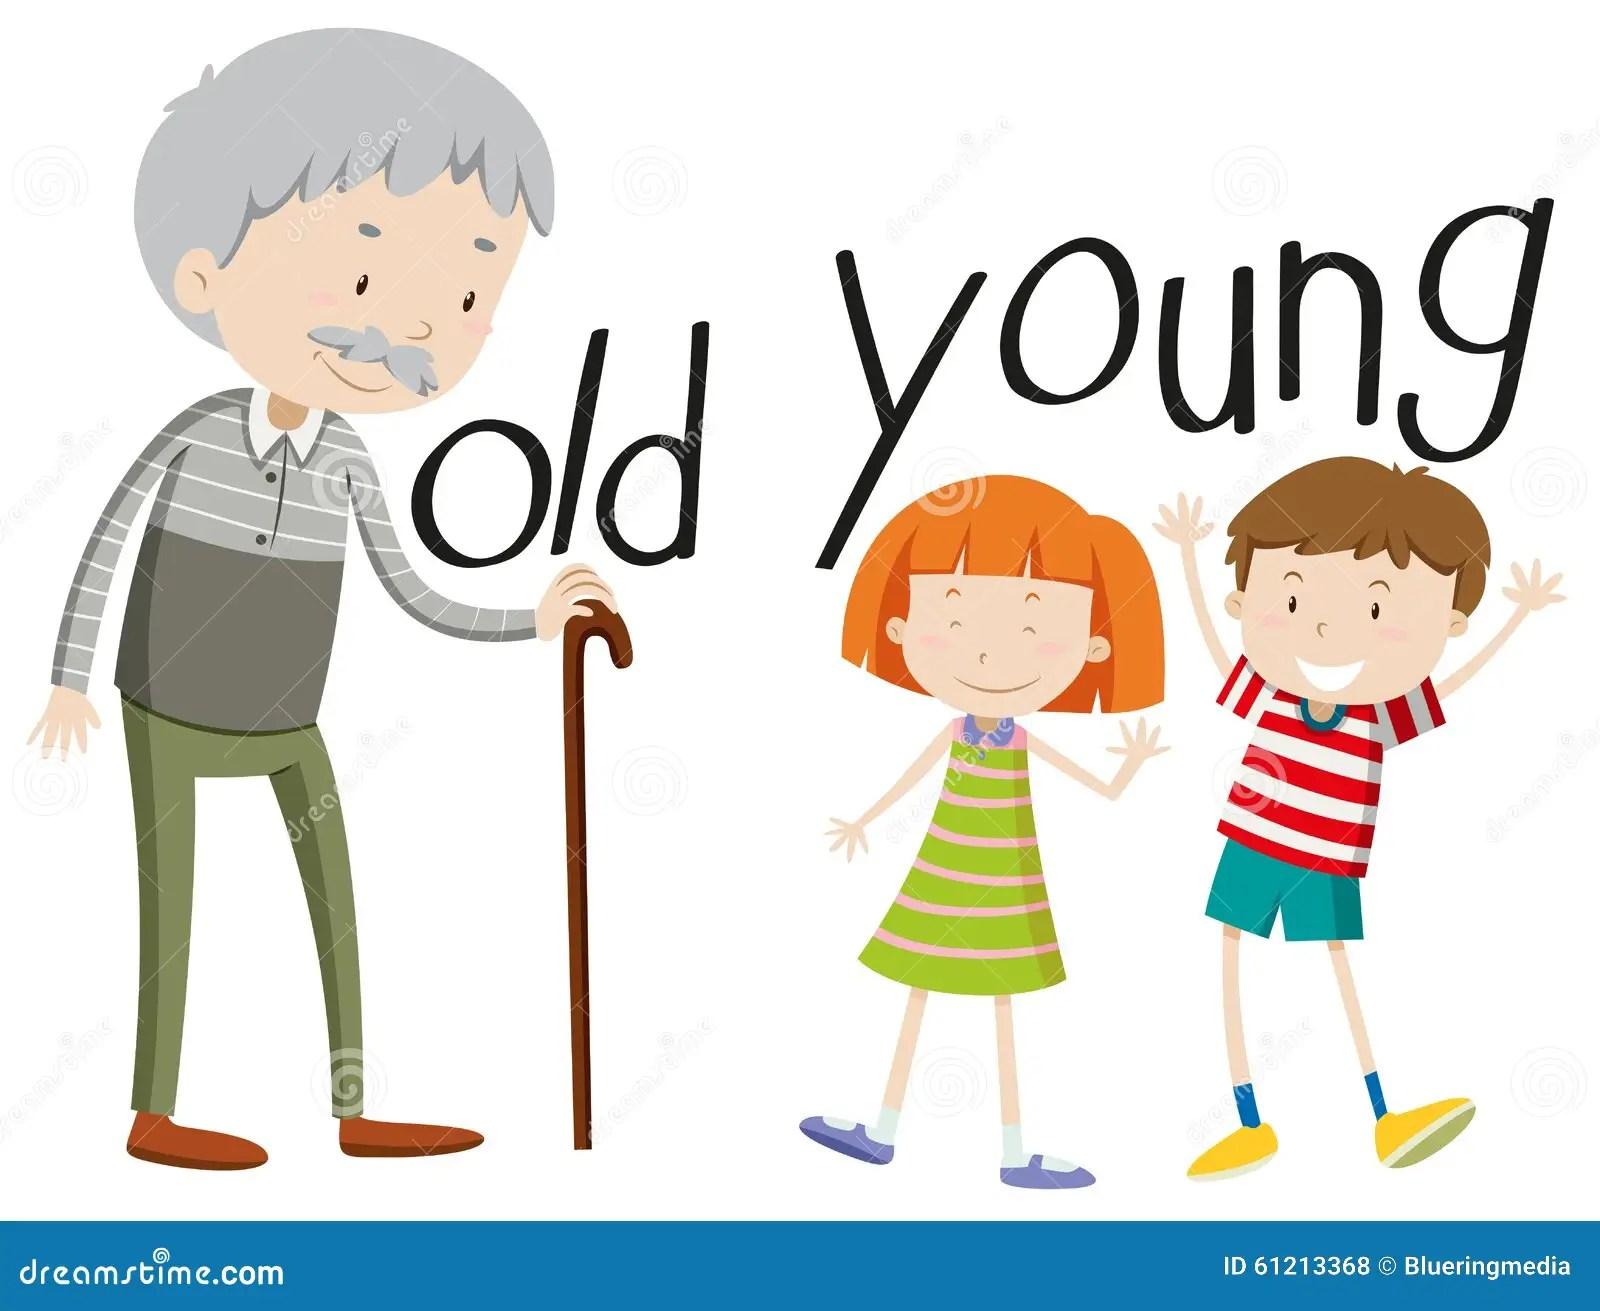 Tegenovergestelde Oud En Jonge Bijvoeglijke Naamwoorden